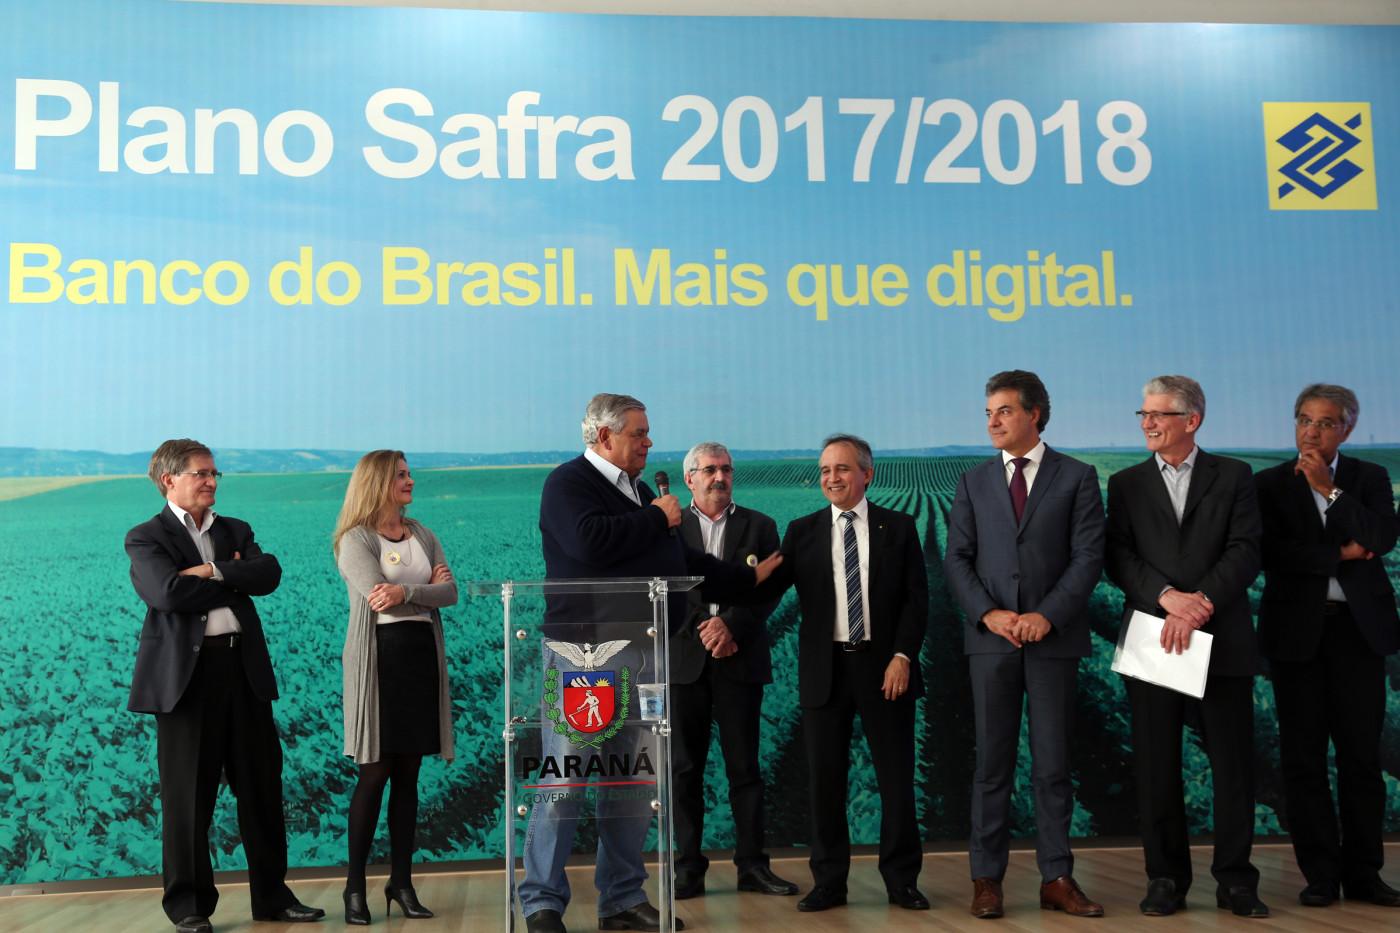 O lançamento, no Paraná, do Plano Agrícola e Pecuário 2017-2018, foi feito nesta terça-feira (11). Foto: Orlando Kissner/ANPr